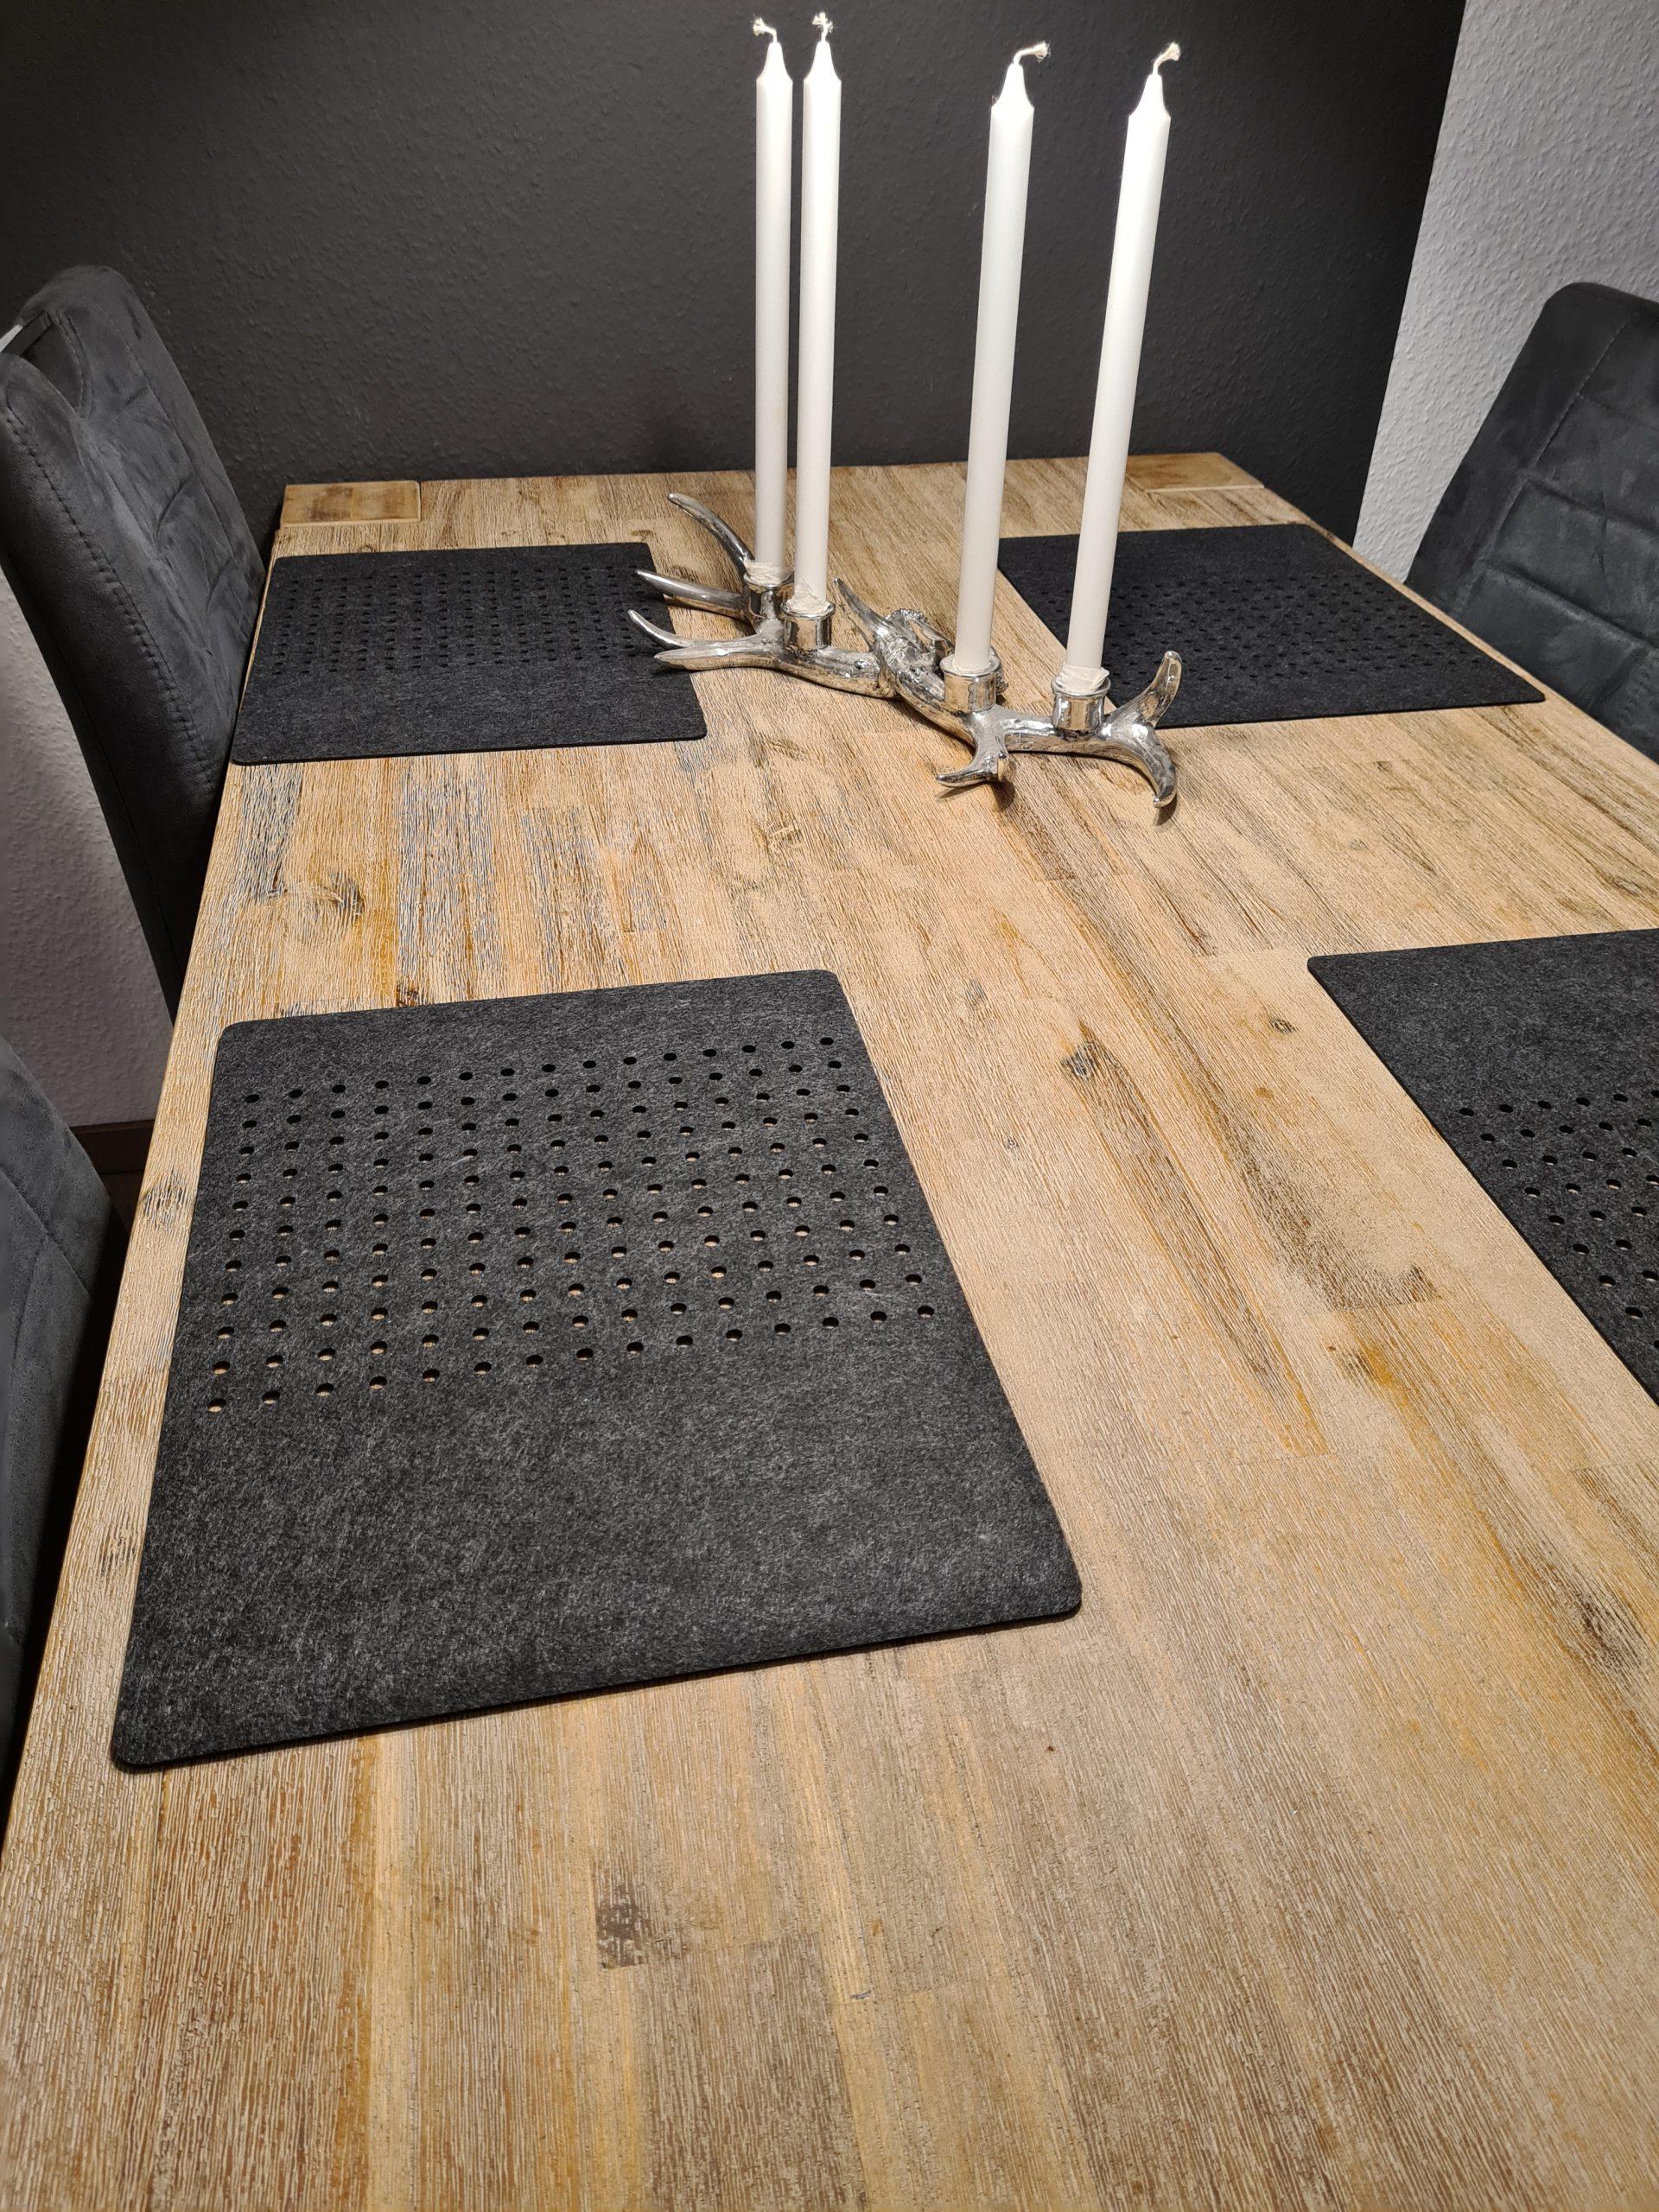 Schwarzer Filz-Untersetzter mit Löcherreihe auf Holztisch - Handgemachte individualisierbare Taschen, Körbe, Tischsets, Dekoartikel und mehr auf fideko.de der Onlineshop seit 2011